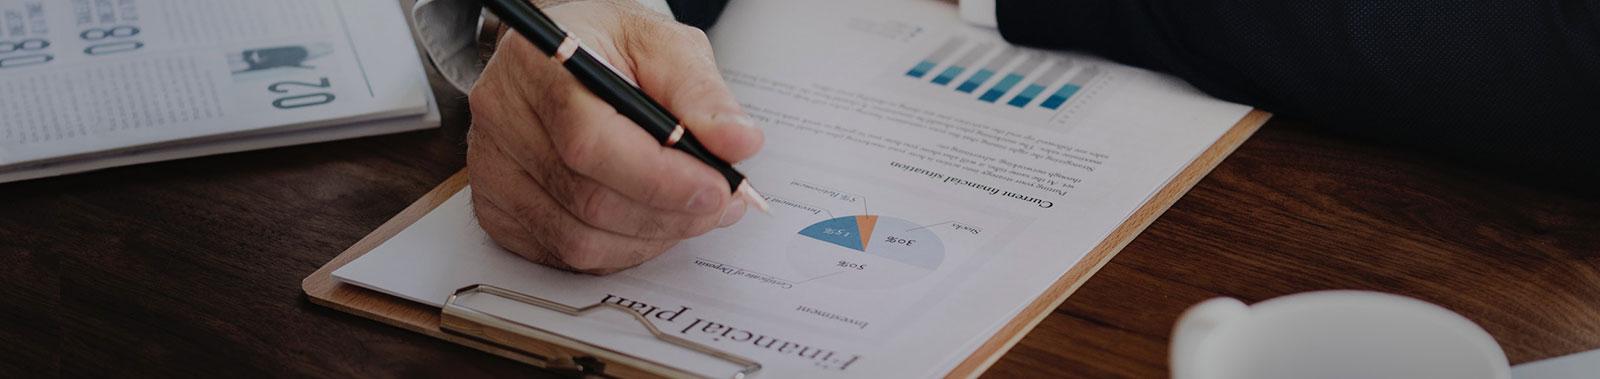 banner-investor-shareholding-pattern